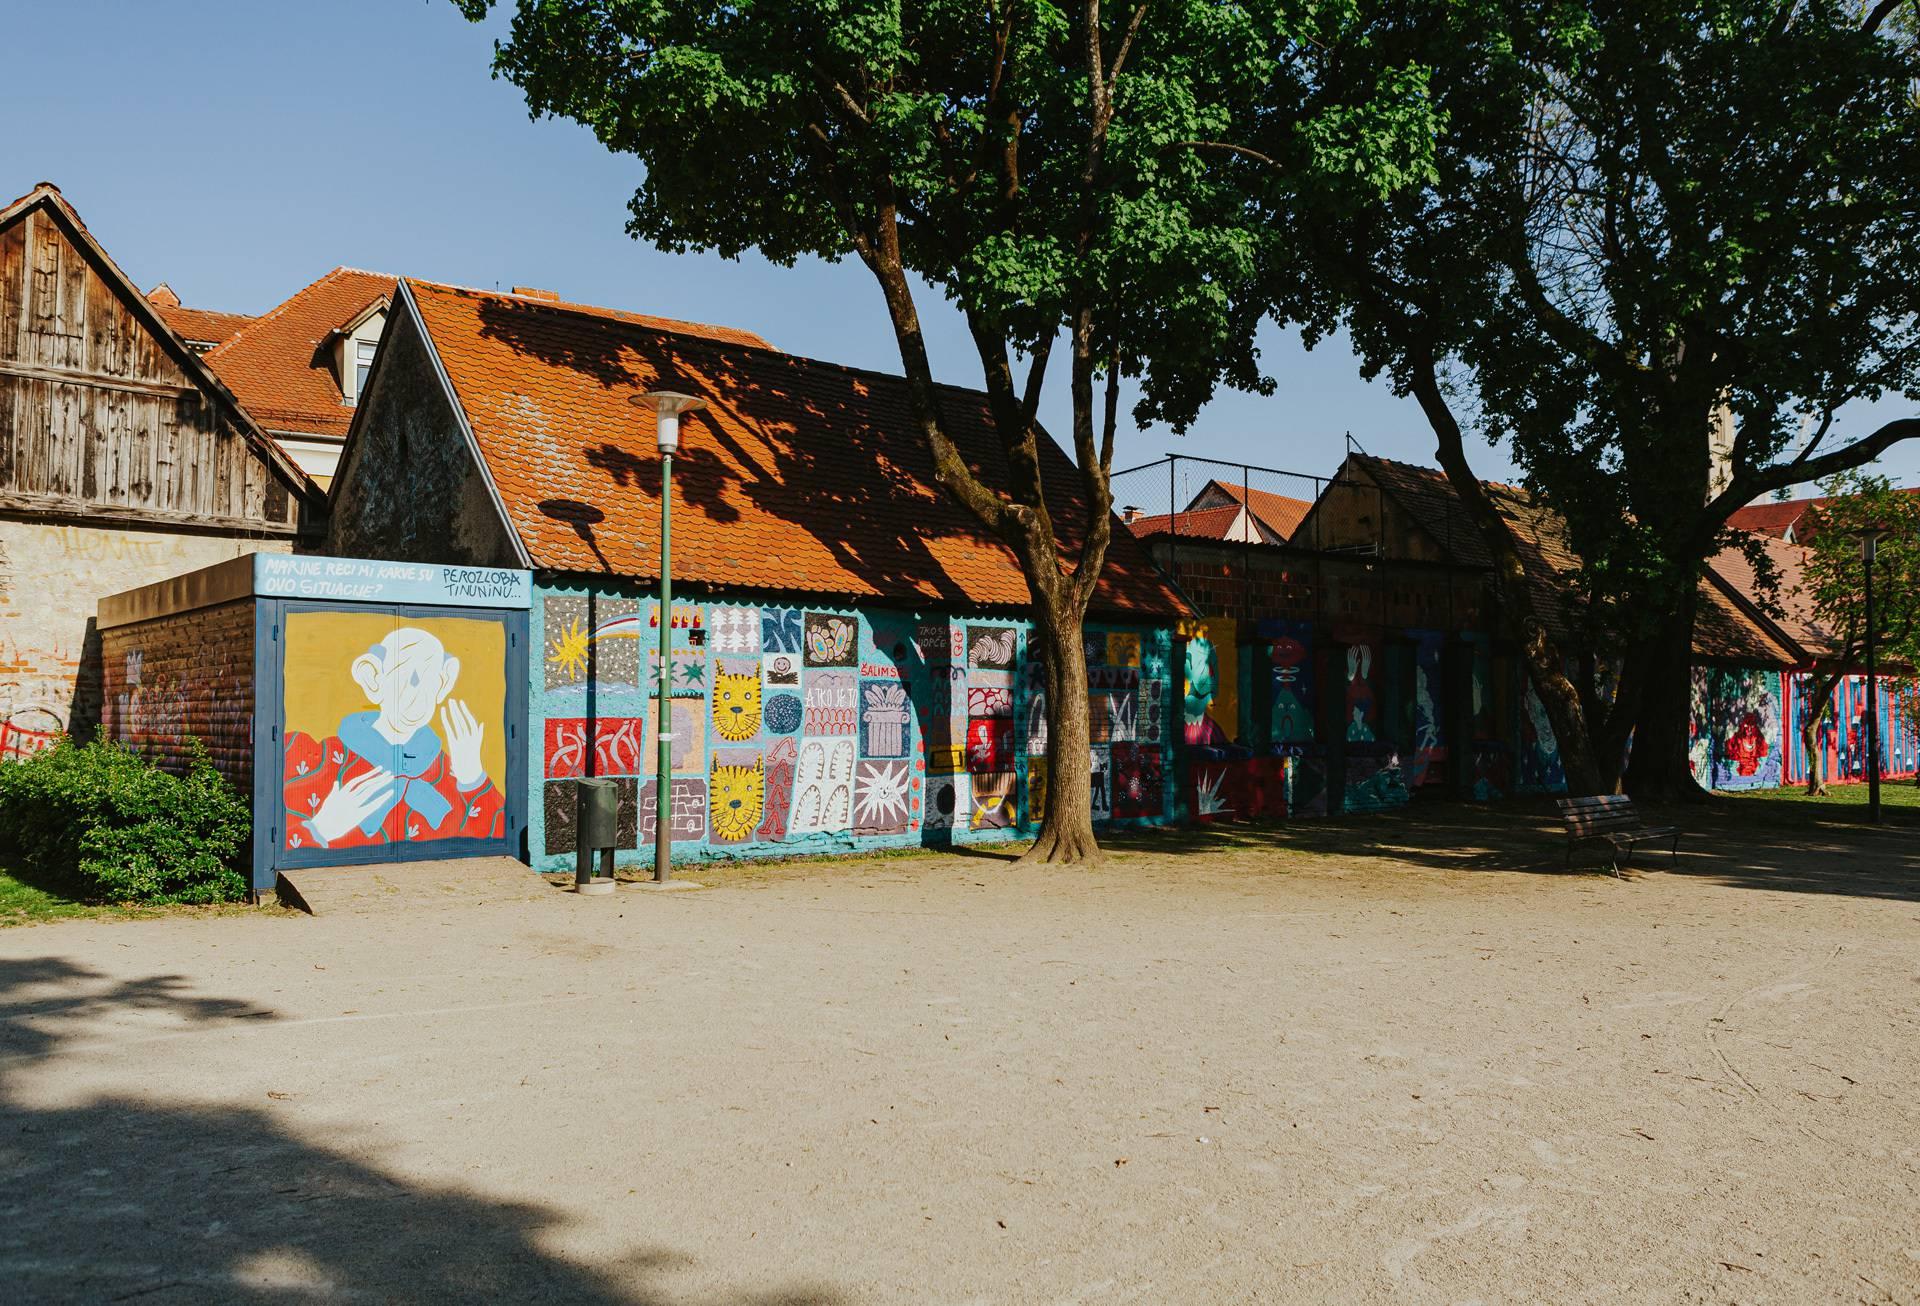 Dar građanima: Muralima smo oživjeli zidove parka Opatovina